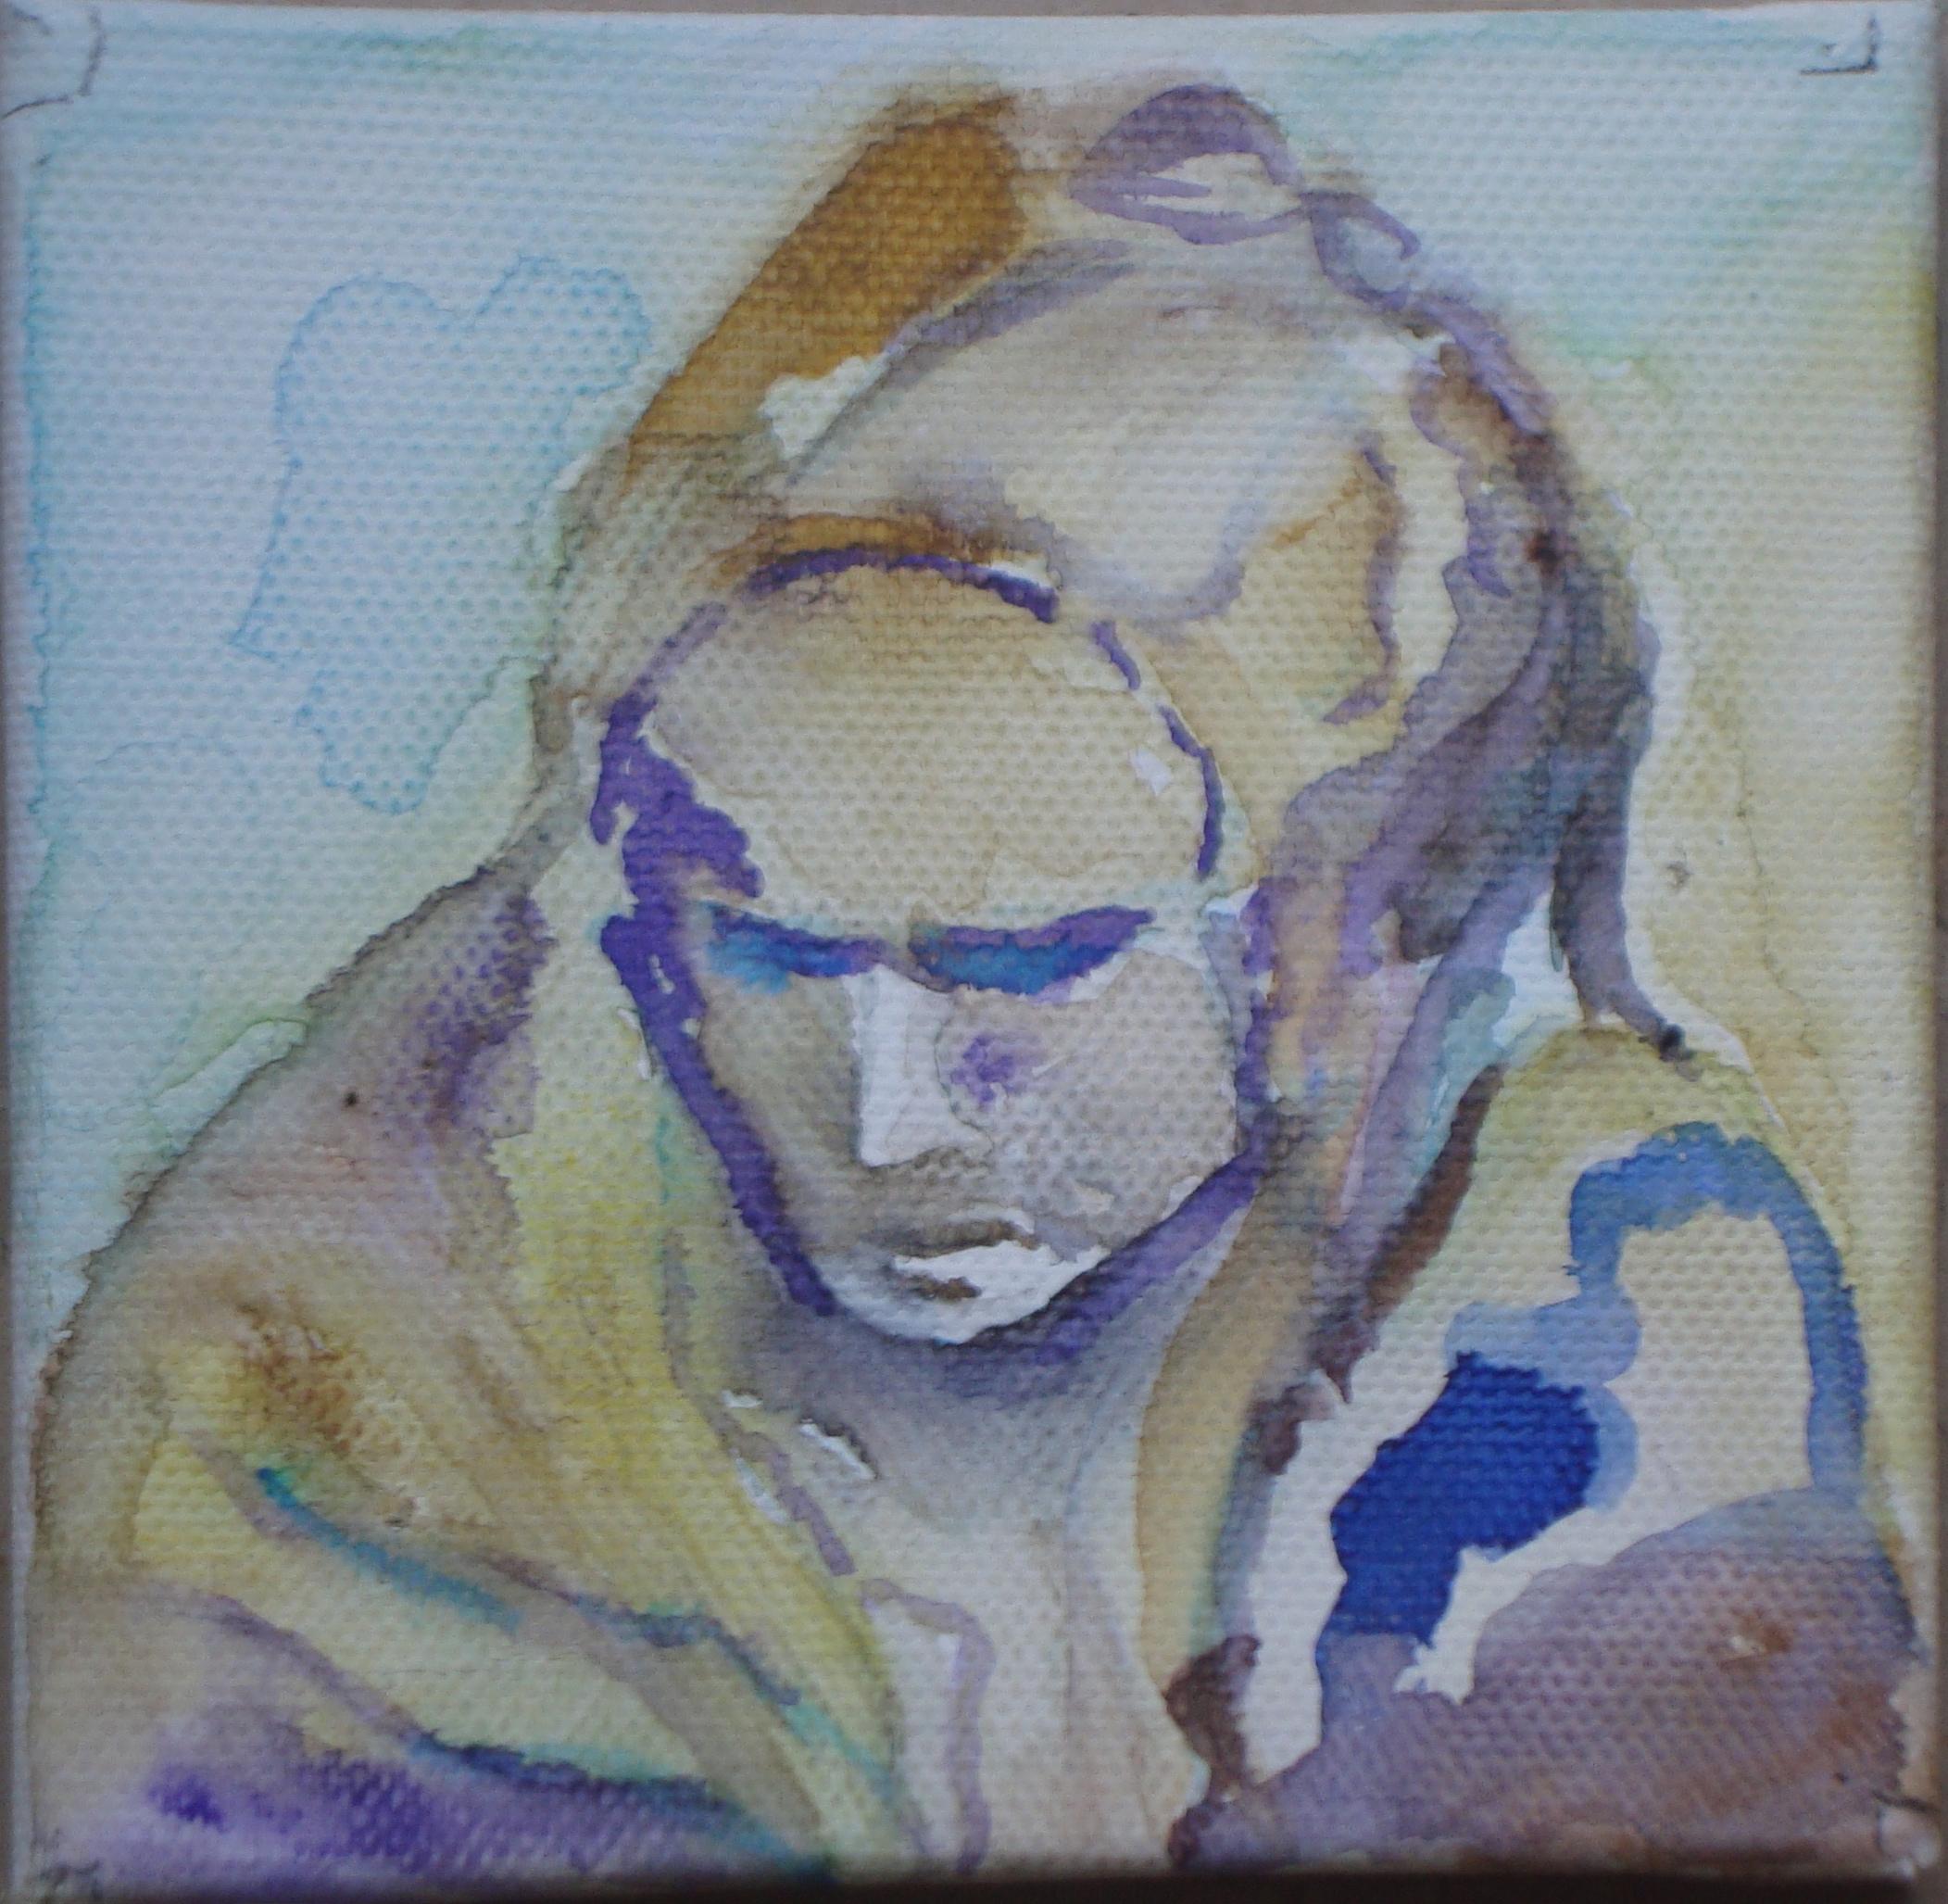 Pieta Aquarell 10 x 10 cm - mit Abstand zu genießen!